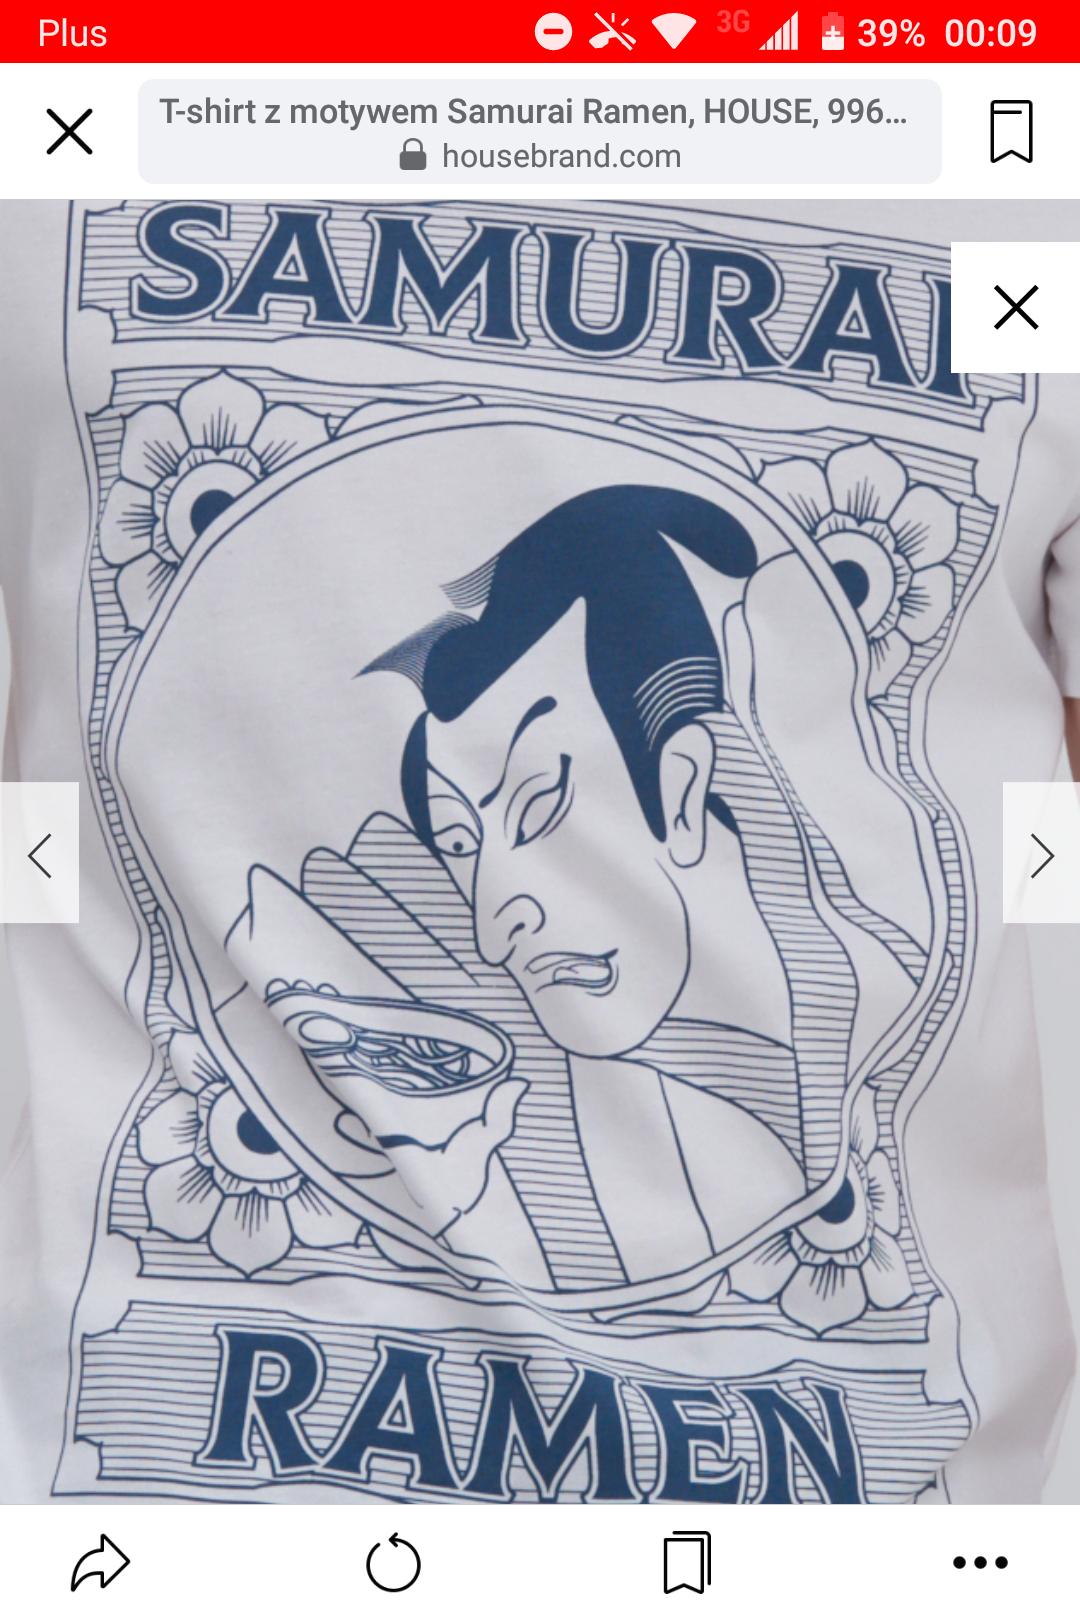 Koszulka Samurai Ramen sklep House